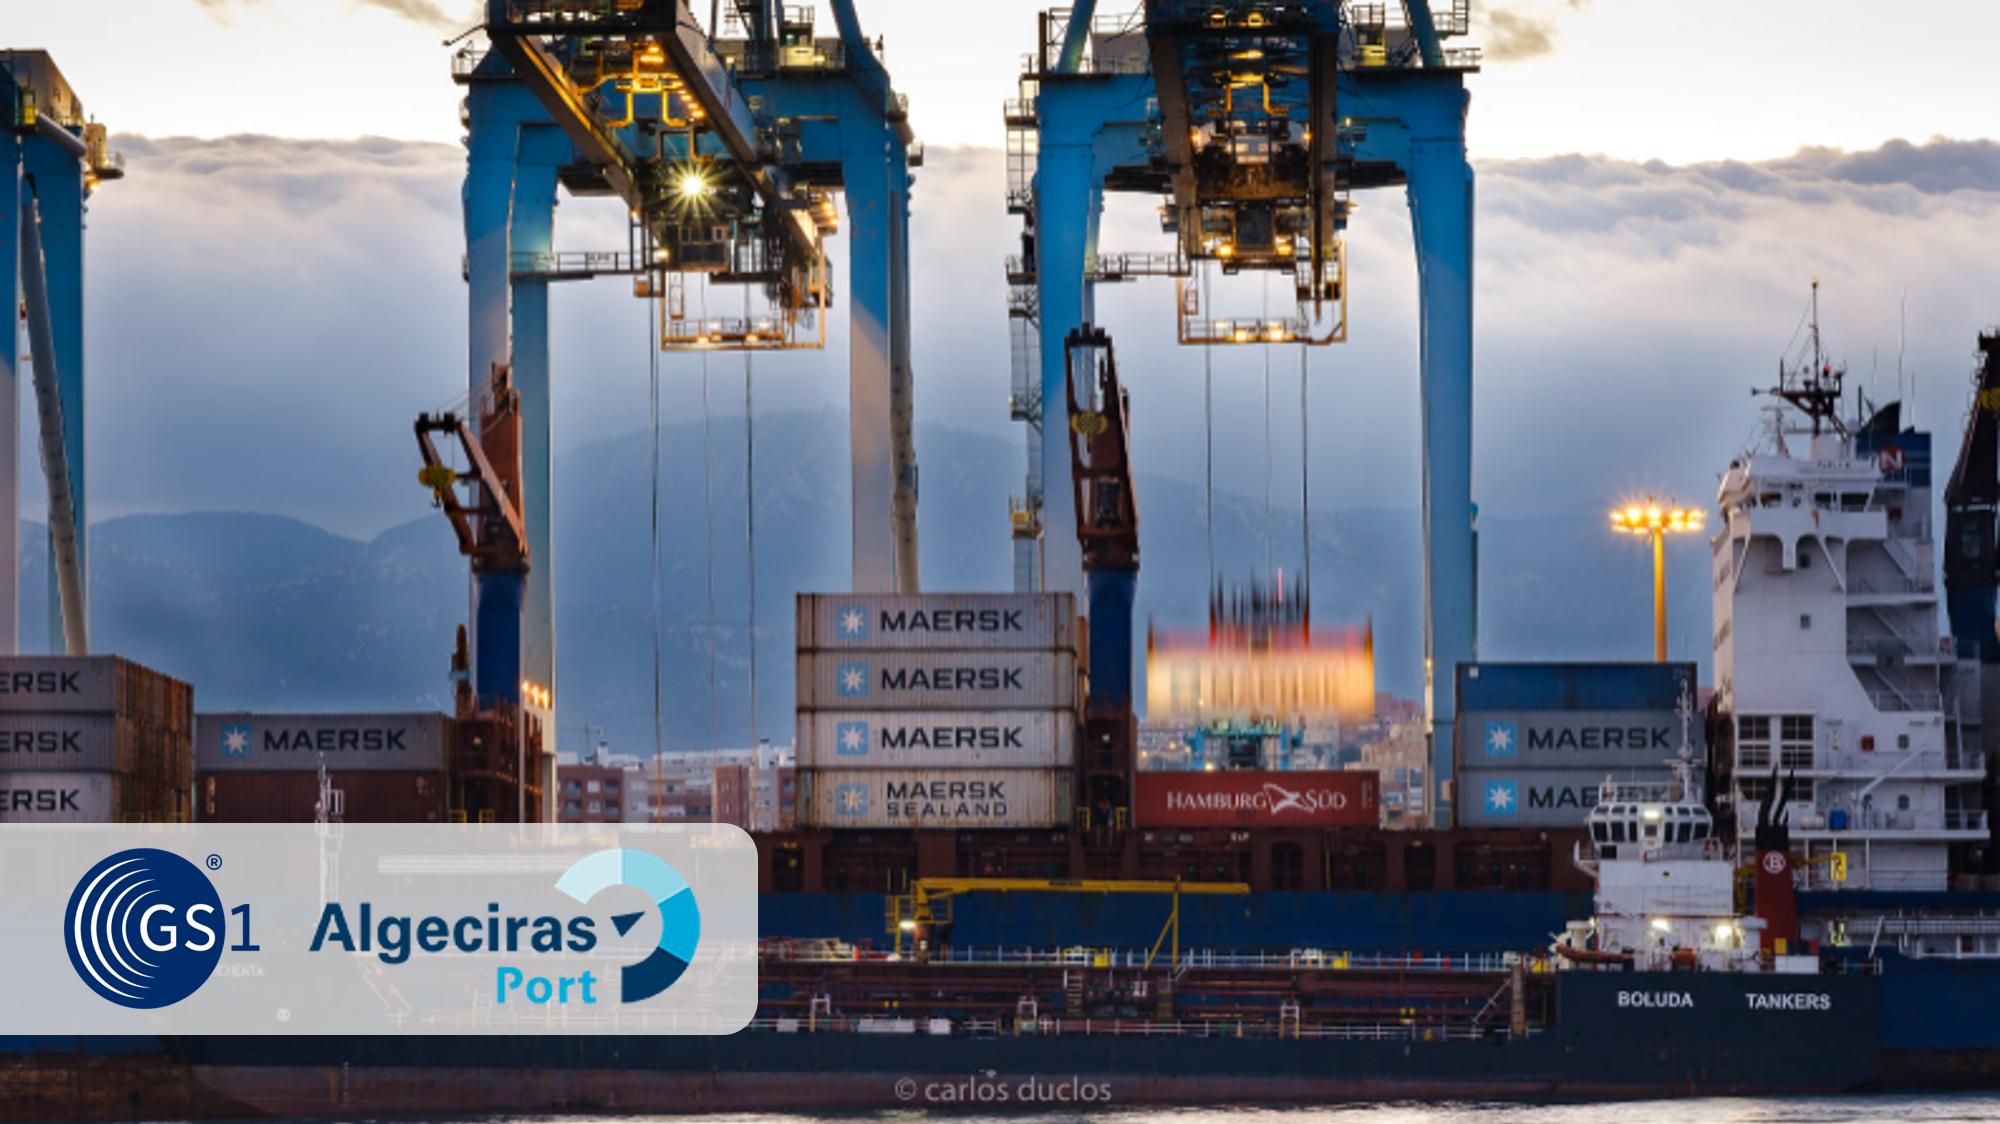 El Puerto de Algeciras se asocia con GS1 para utilizar sus estándares globales